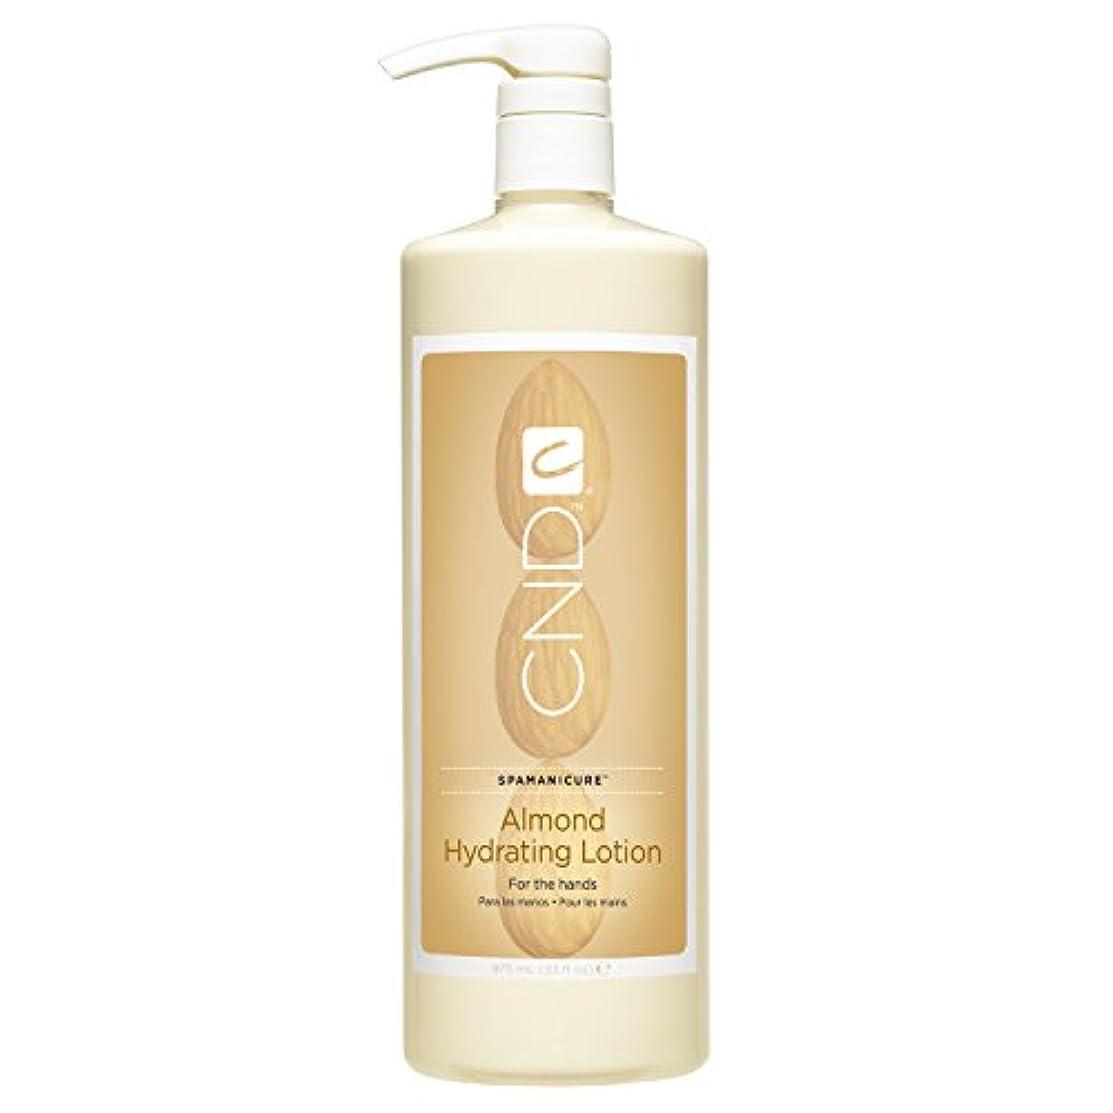 CND SpaManicure - Almond Hydrating Lotion - 33oz